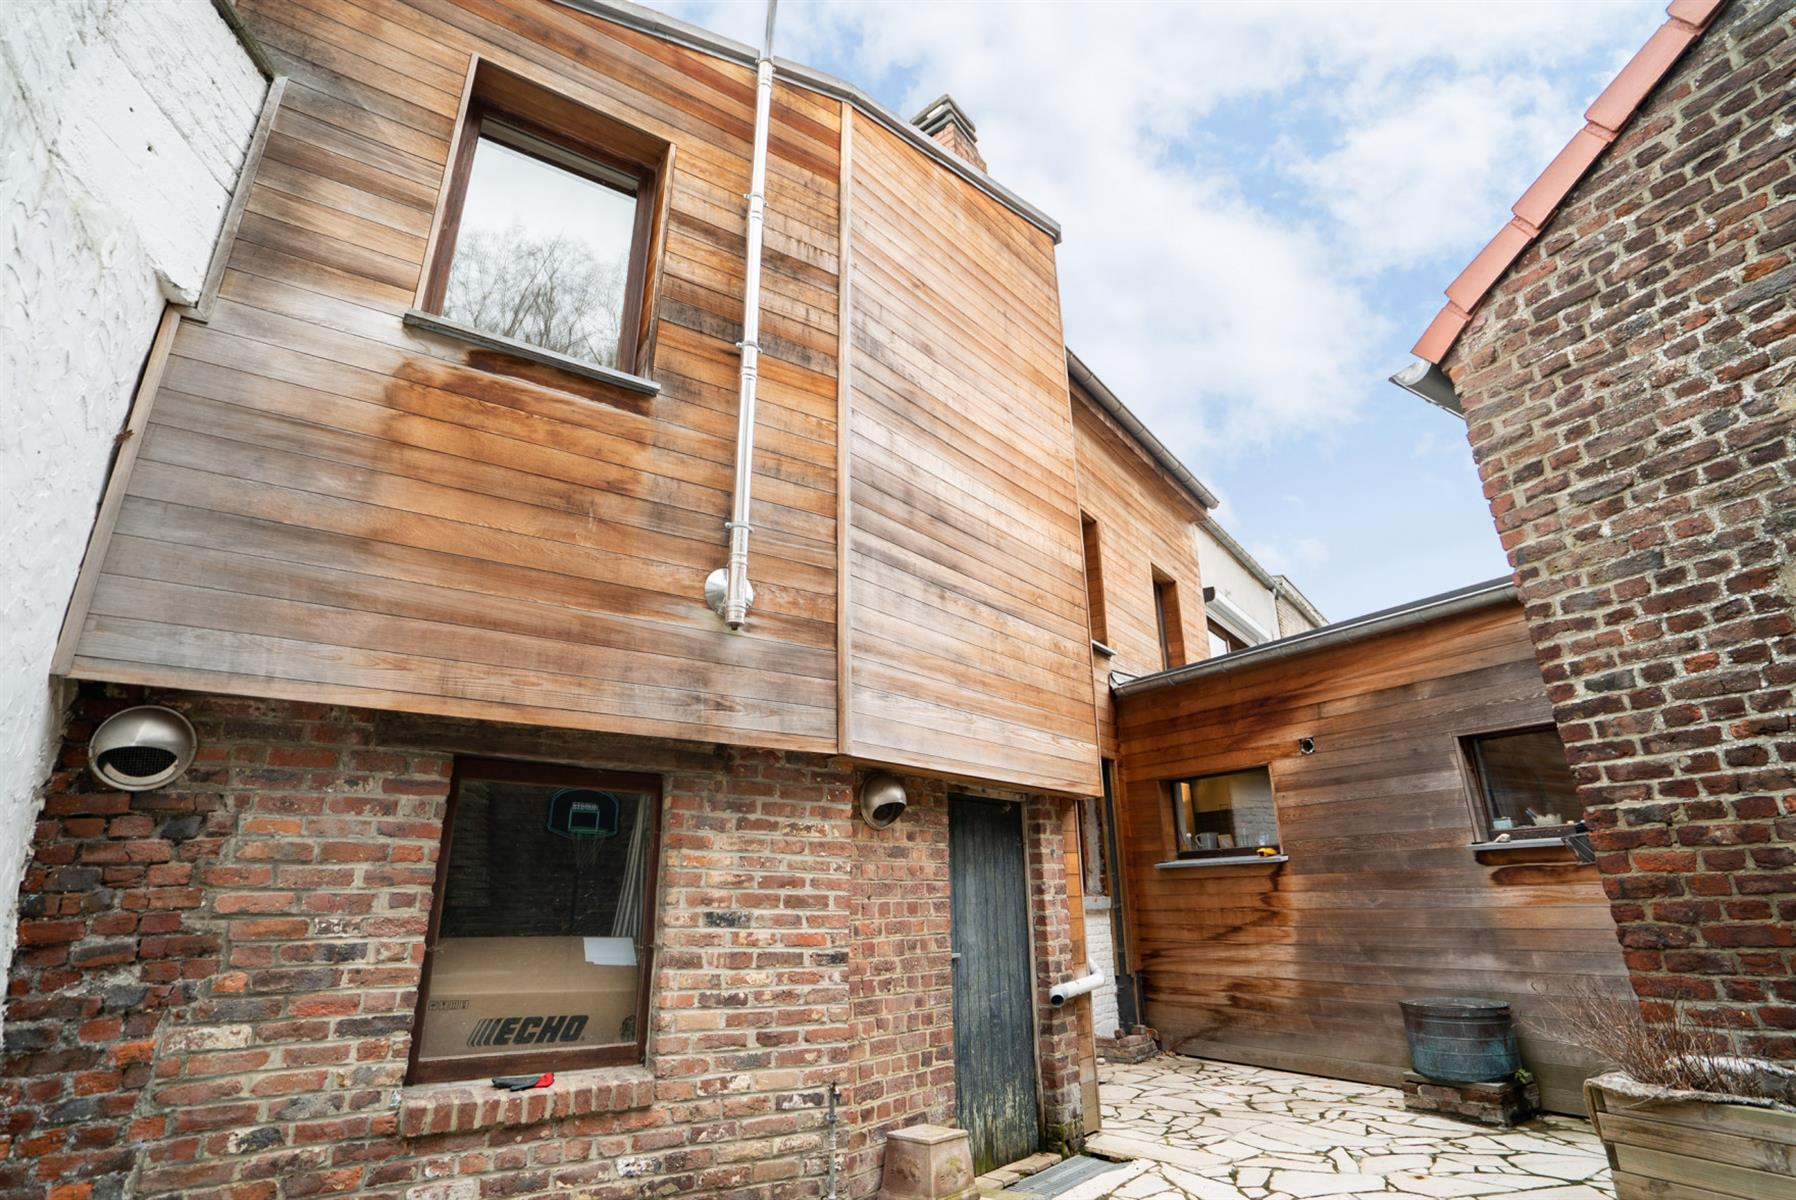 Maison - Grez-doiceau - #4288796-20